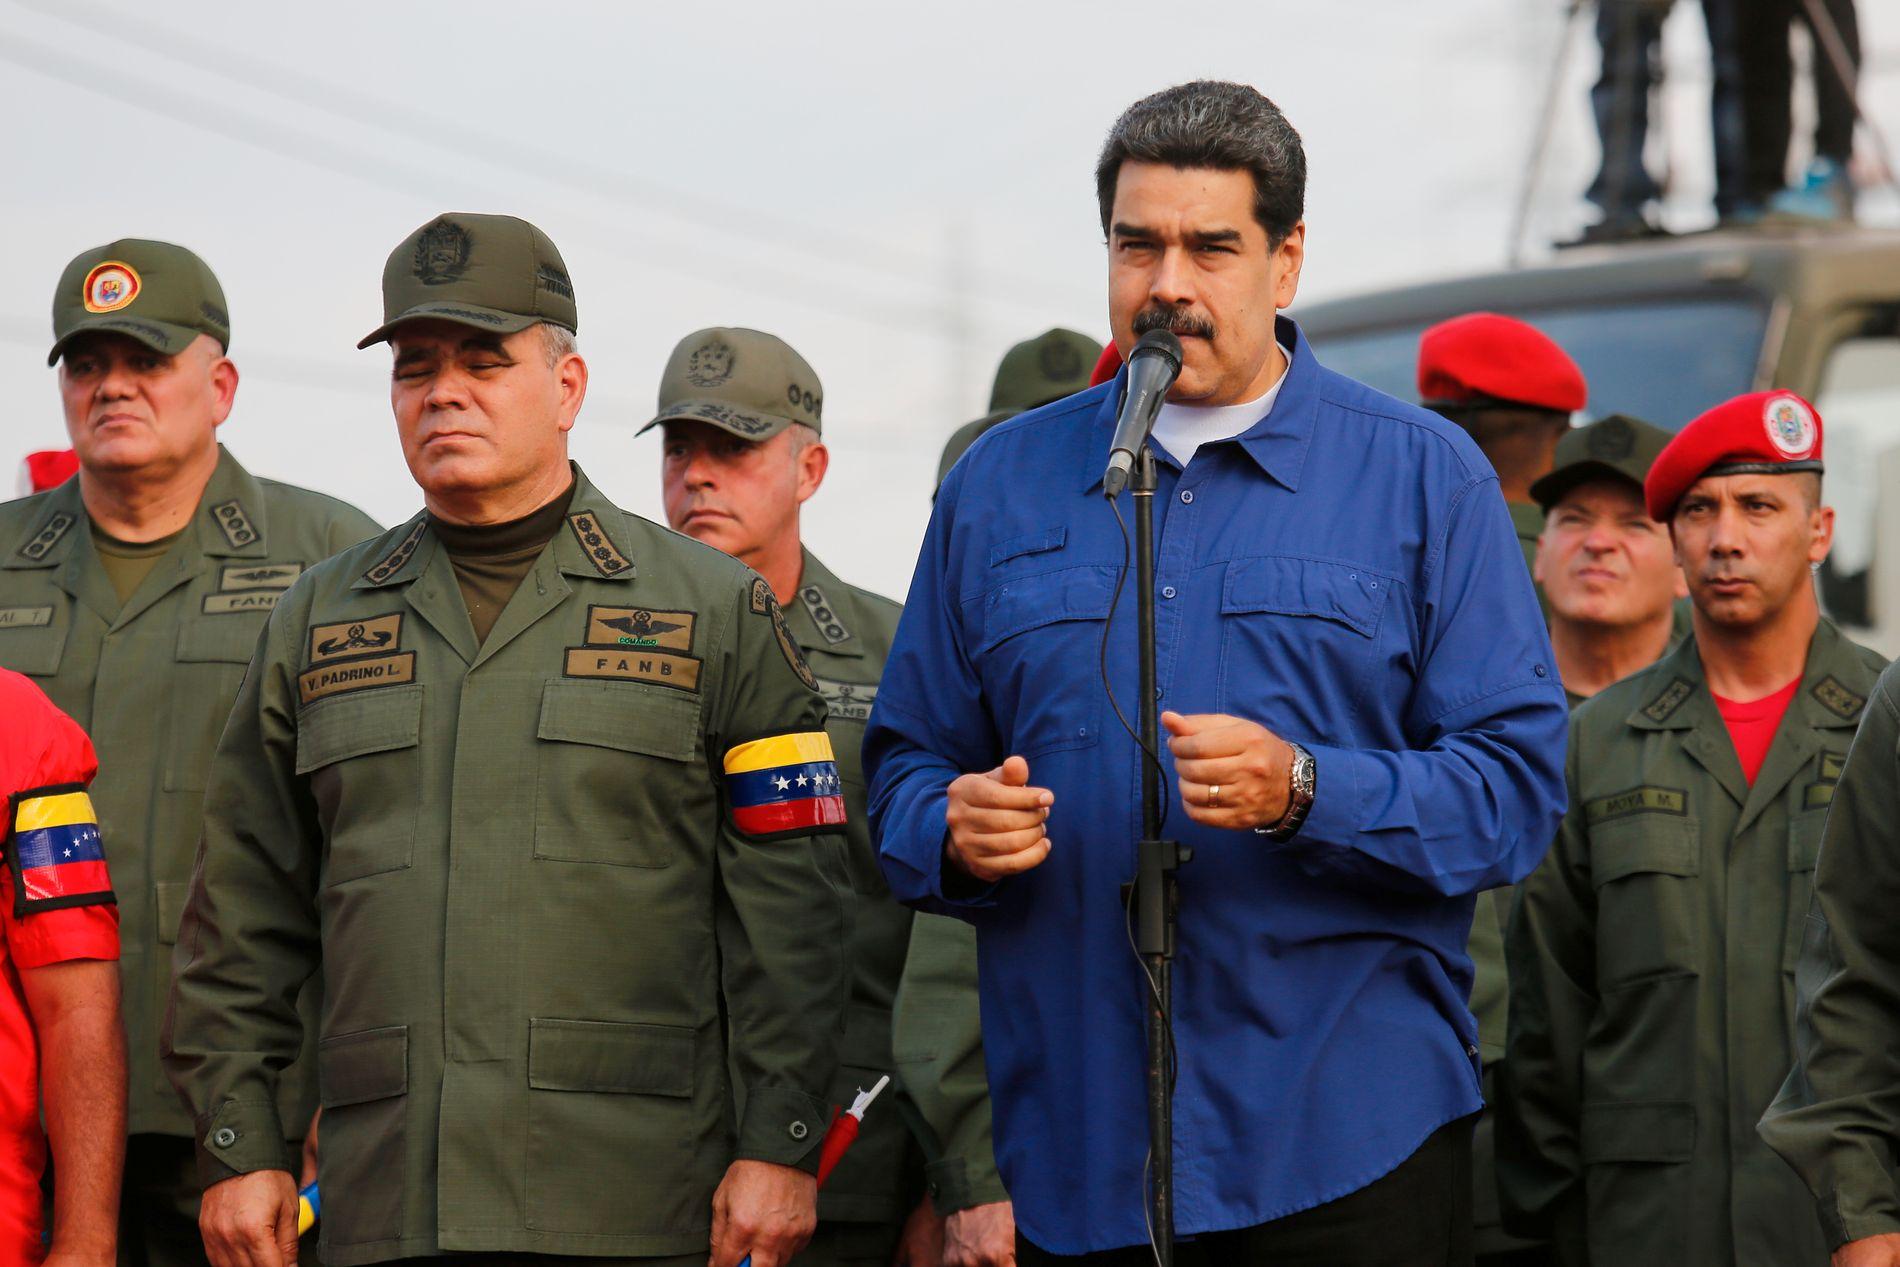 BEKREFTET SAMTALER: Venezuelas president talte under en seremoni på en militærbase i Maracay.